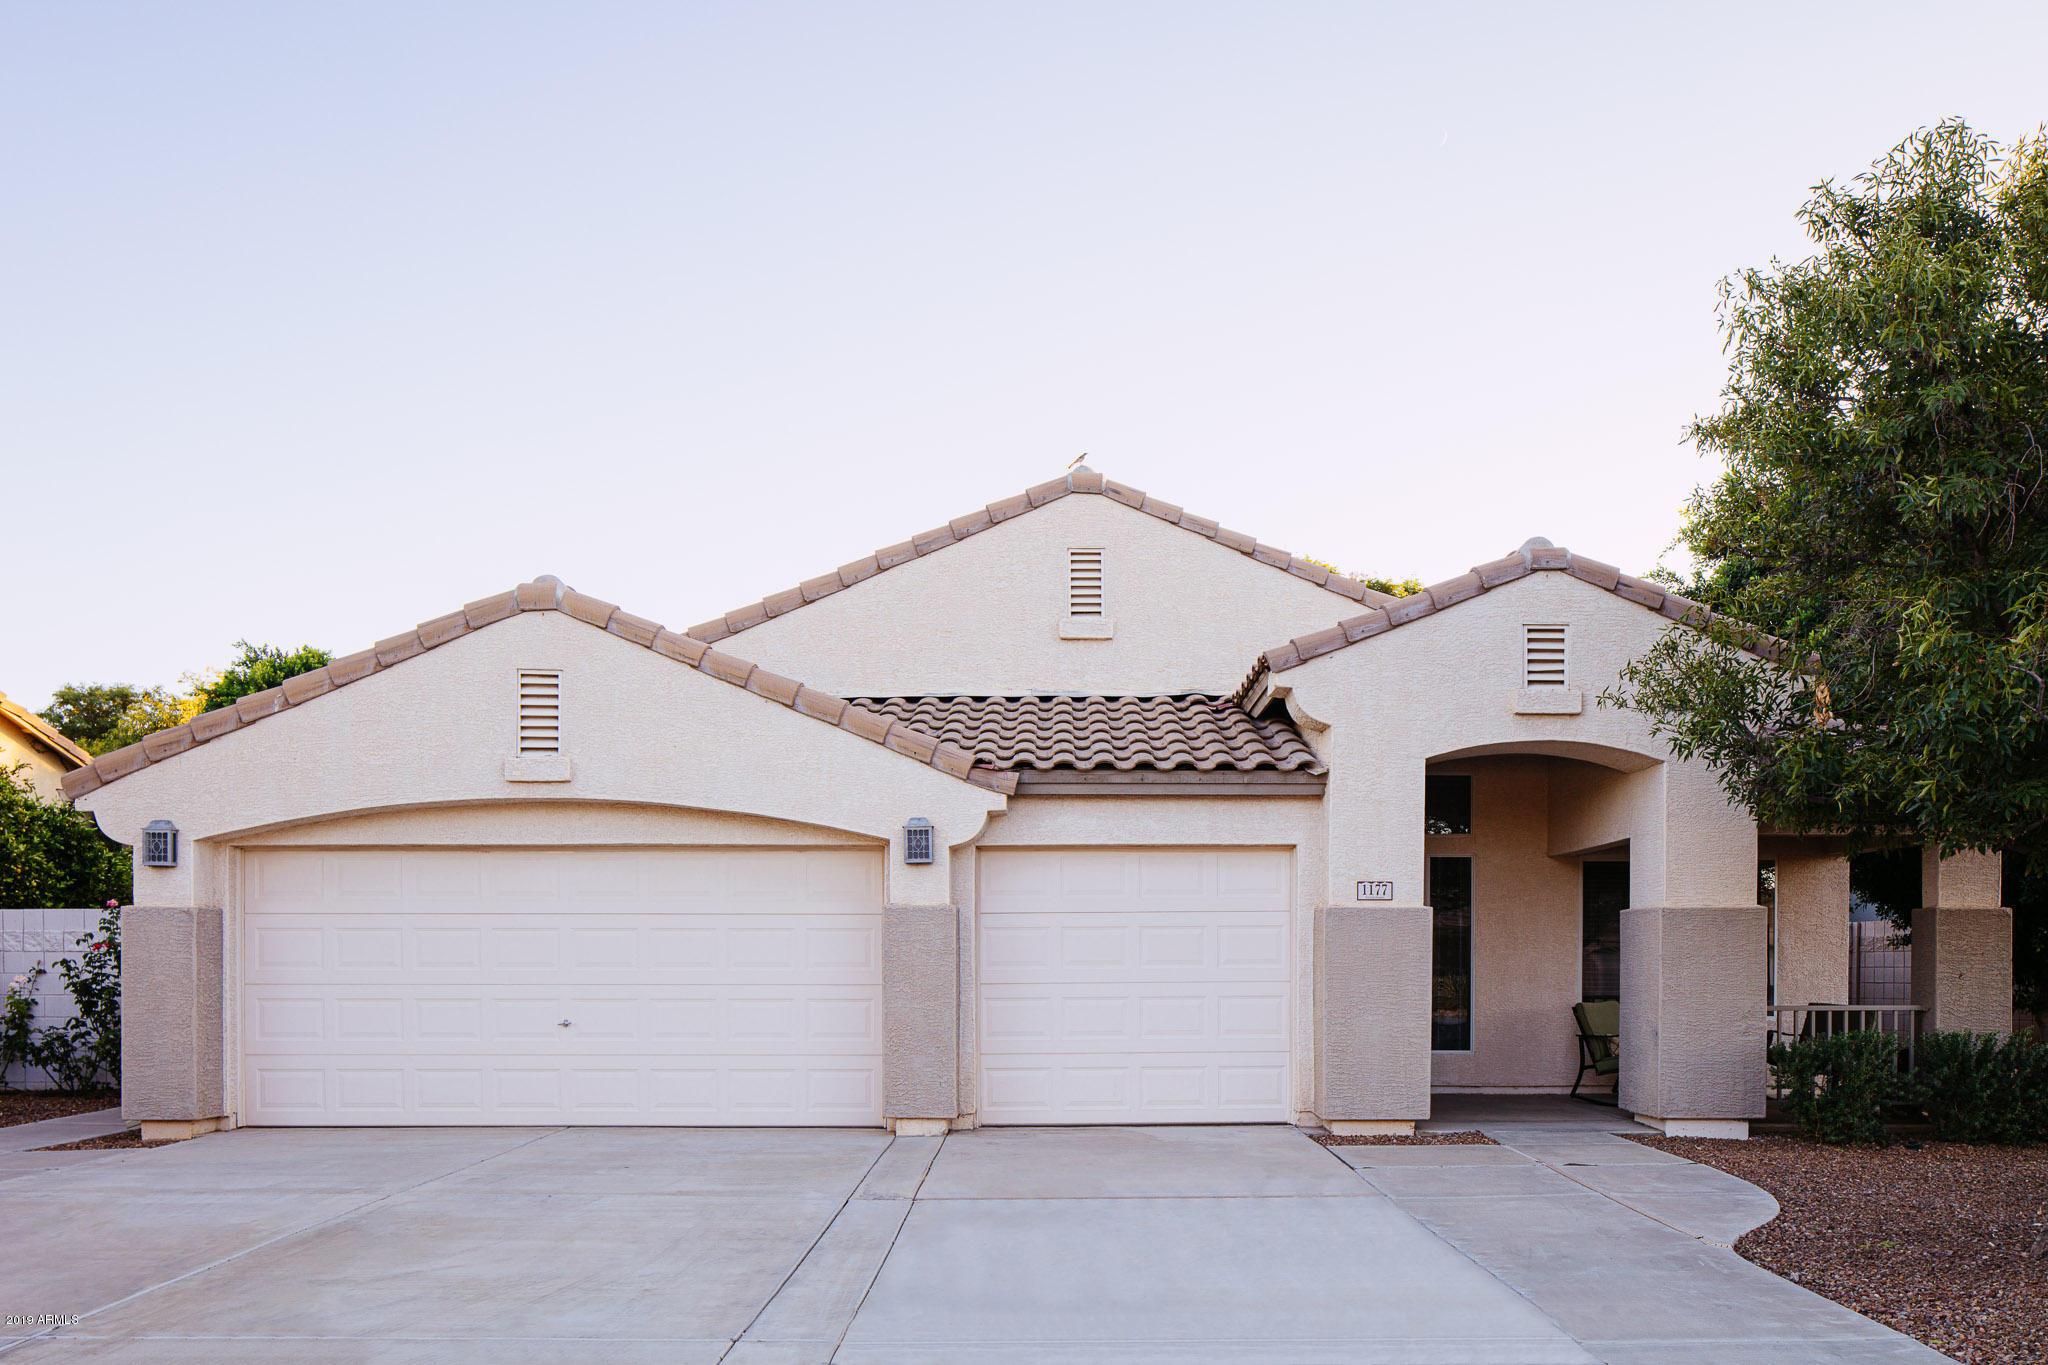 Photo of 1177 E TYSON Street, Gilbert, AZ 85295